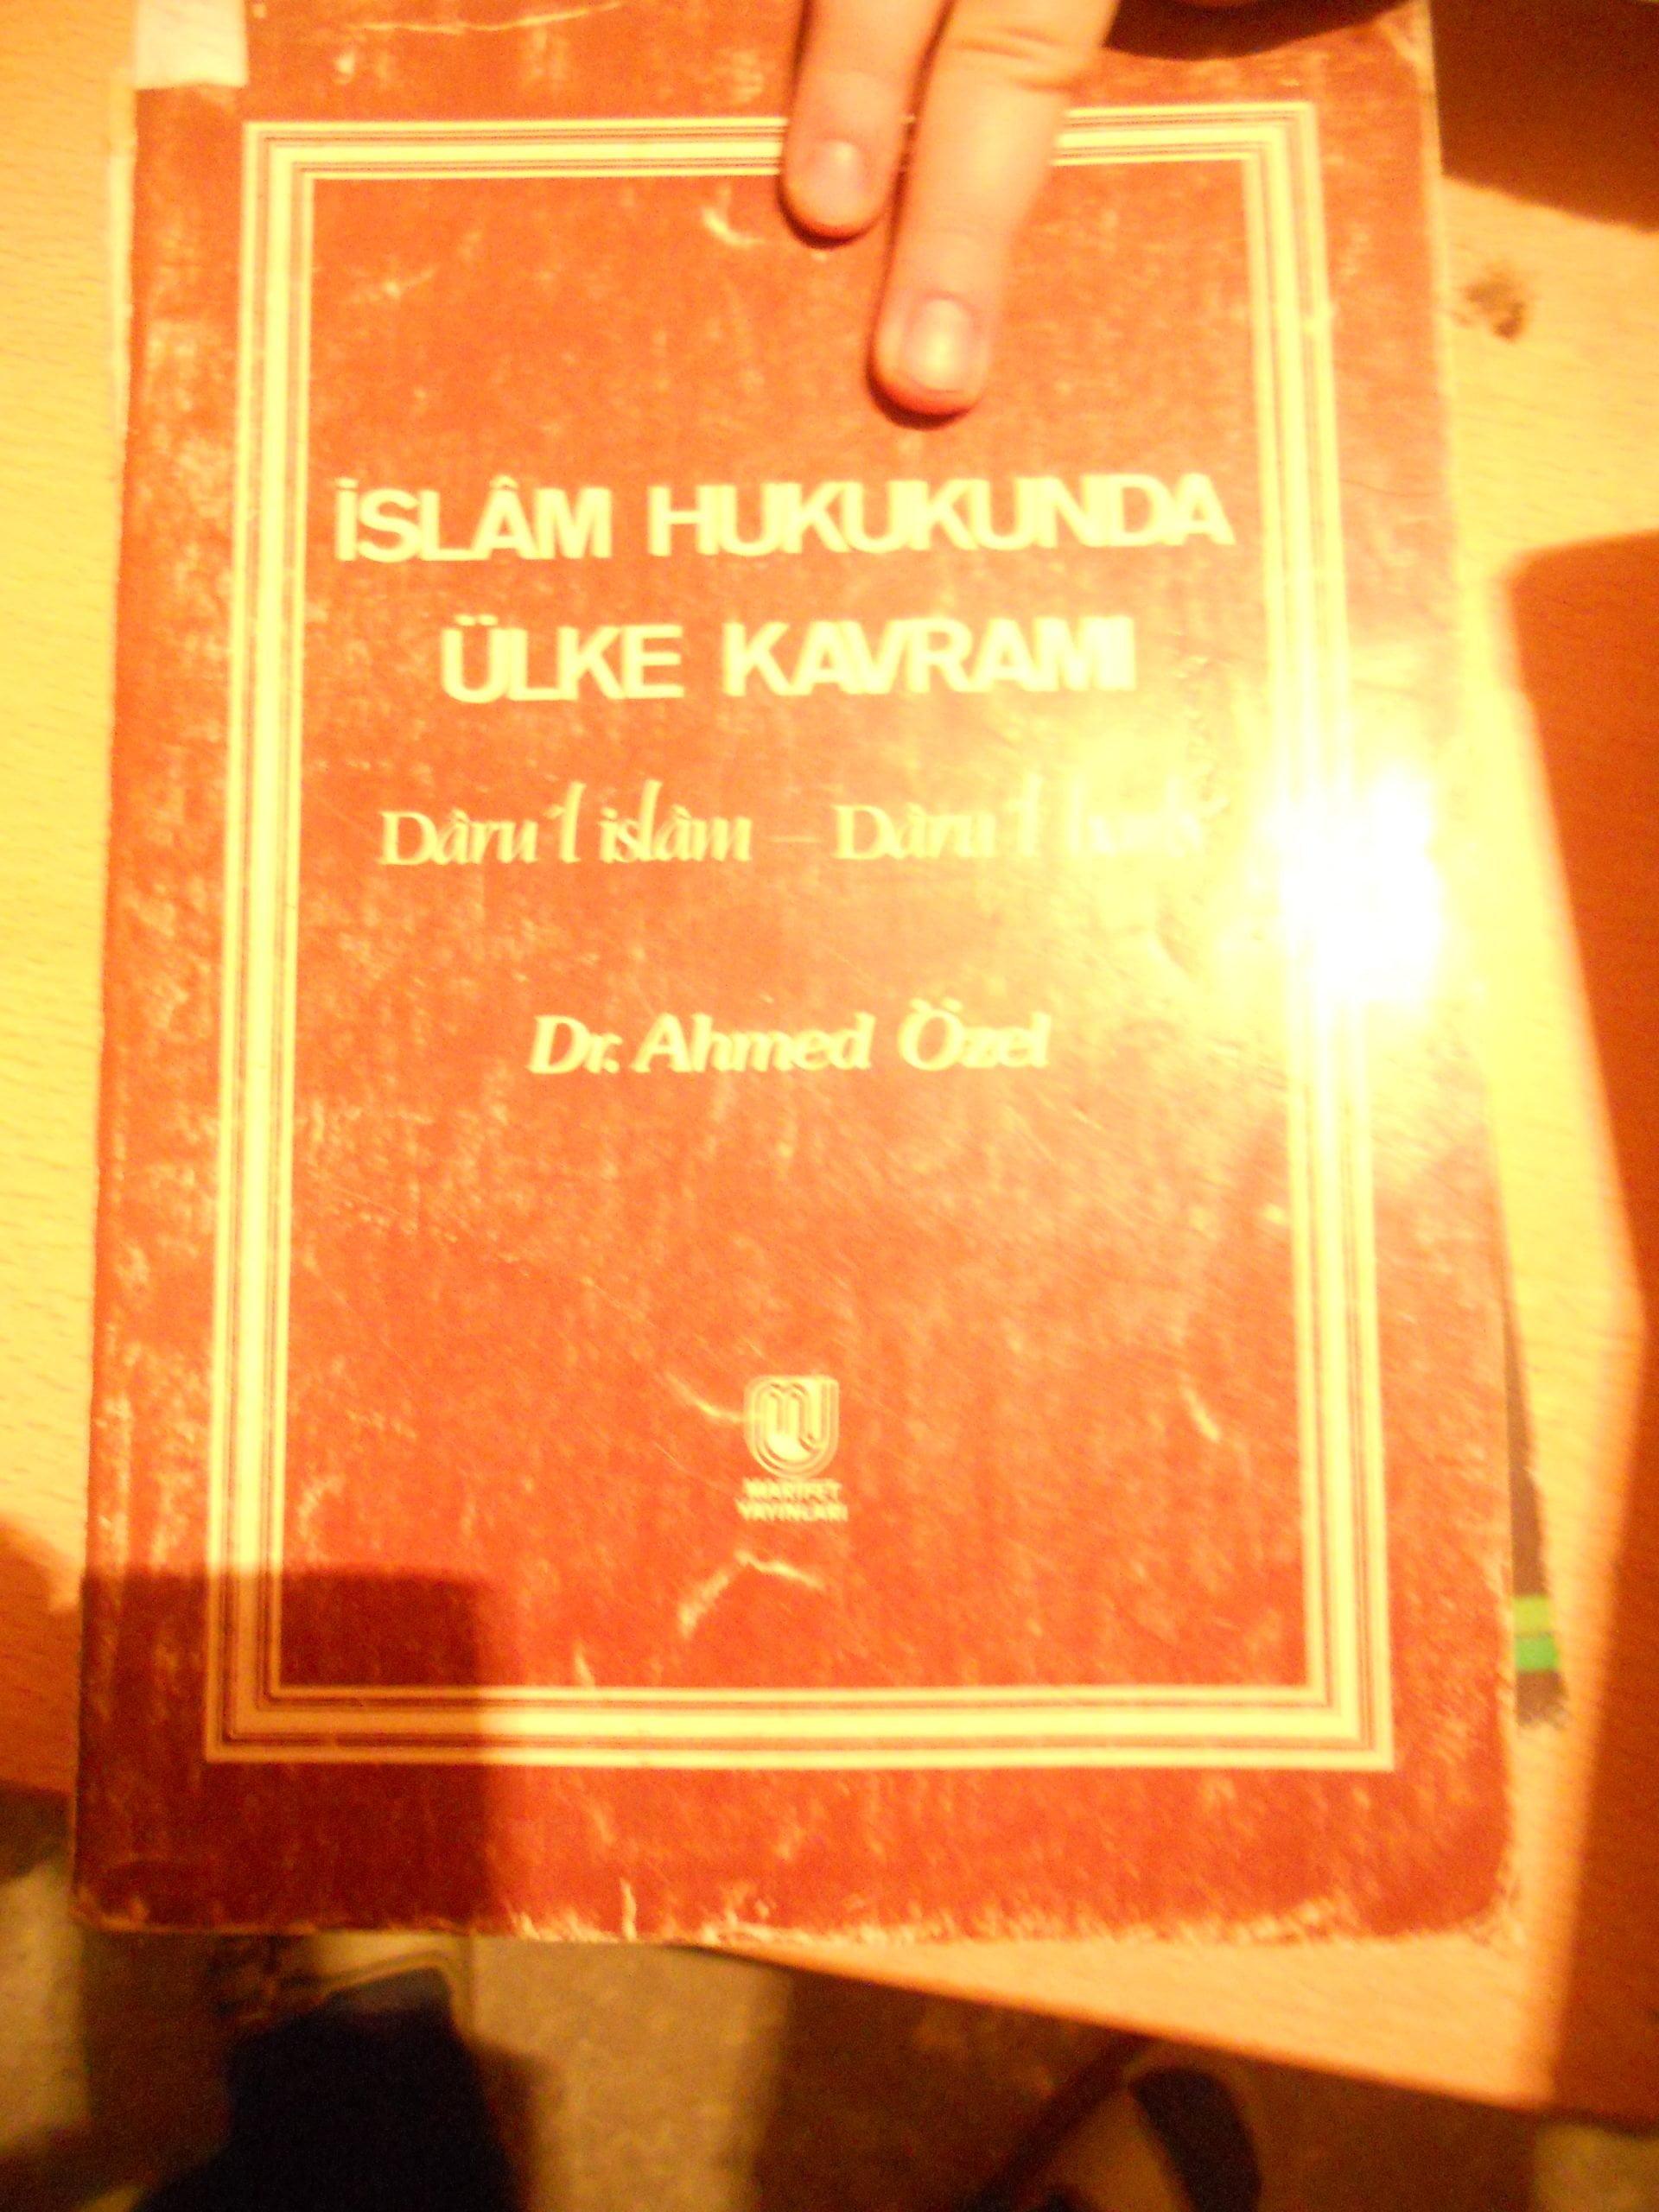 İSLAM HUKUKUNDA ÜLKE KAVRAMI(Darülharb,Darül islam)/Ahmet ÖZEL/15 TL